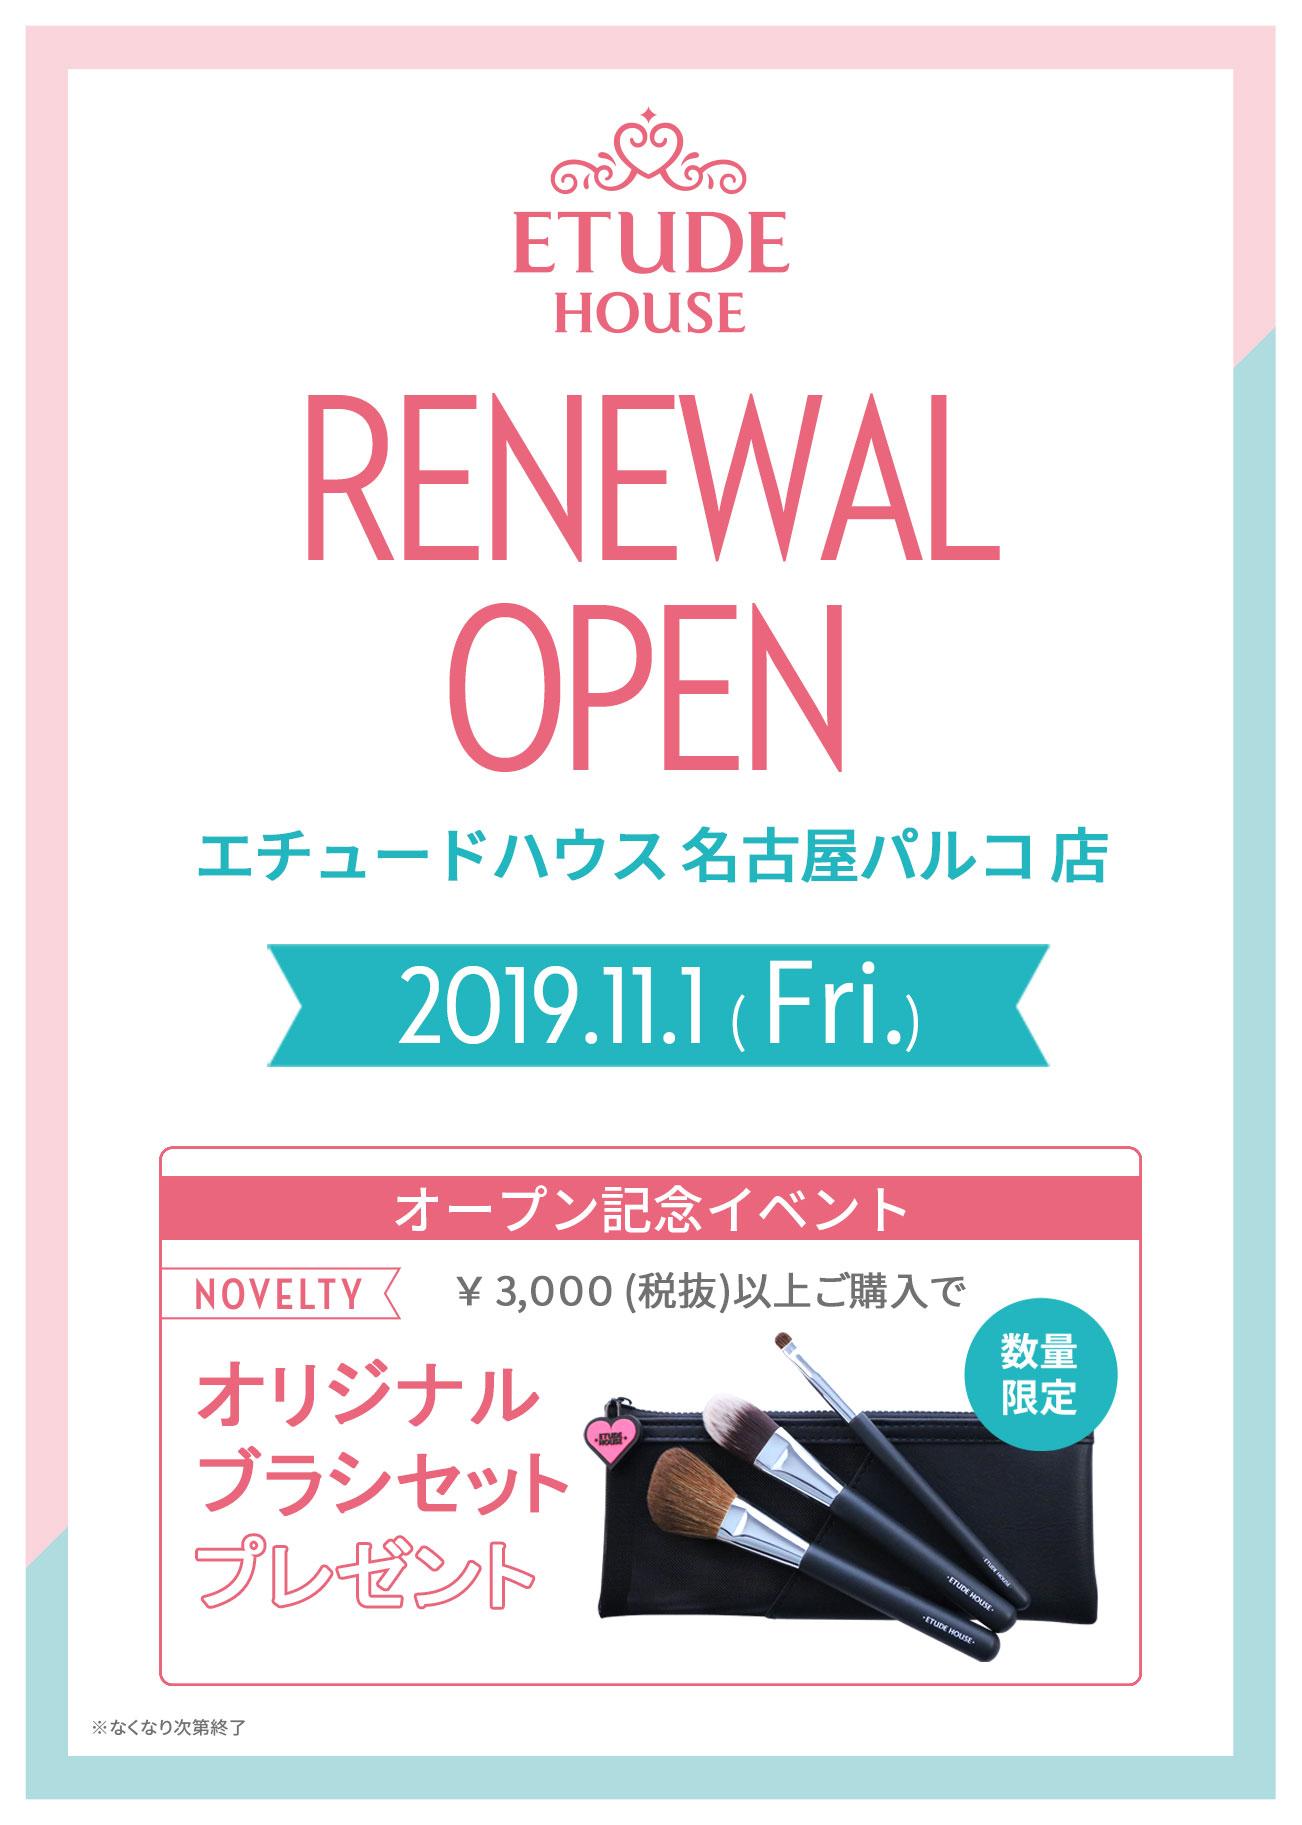 『エチュードハウス 名古屋パルコ店 』リニューアルオープン! イベント詳細ご案内♪